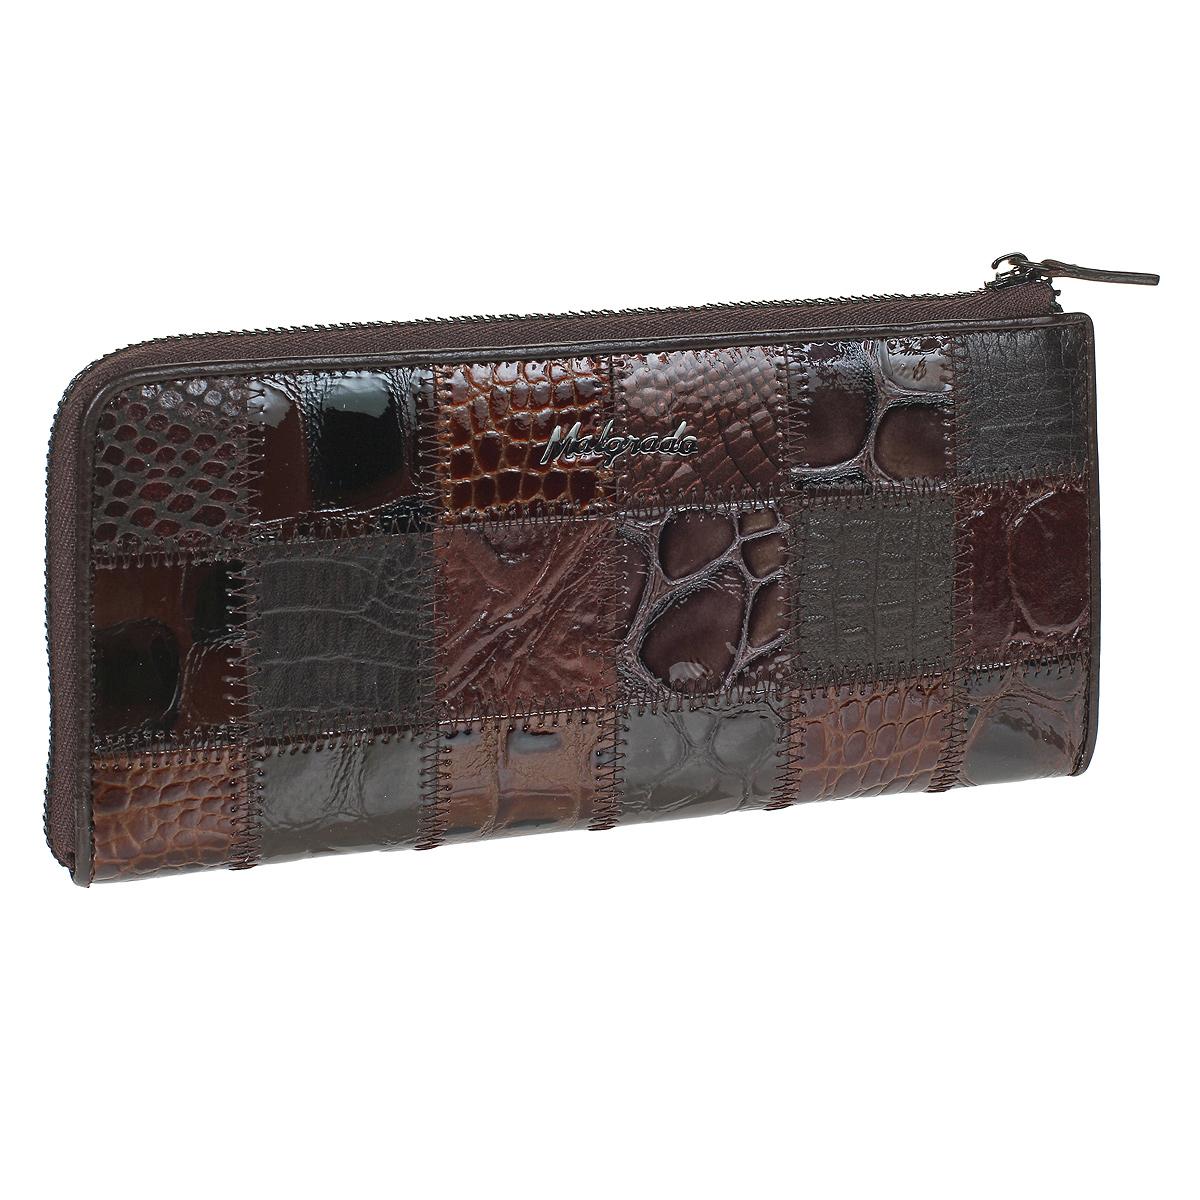 Кошелек Malgrado, цвет: коричневый. 76002A-490A76002A-490A CoffeeКлатч-кошелек Malgrado выполнен из натуральной кожи высшего качества. Лицевая сторона оформлена заплатками из кожи с разной фактурой и рисунком. Клатч-кошелек закрывается на застежку-молнию. Внутри - два отделения для купюр, два кармана для бумаг, карман для мелочи на застежке-молнии и двенадцать кармашков для дисконтных карт, визиток и кредиток. С внешней стороны, на задней стенке предусмотрен карман на молнии. Модель клатча-кошелька очень актуальна благодаря качеству исполнения, оригинальному дизайну и удобному размеру. Клатч-кошелек упакован в фирменную картонную коробку.